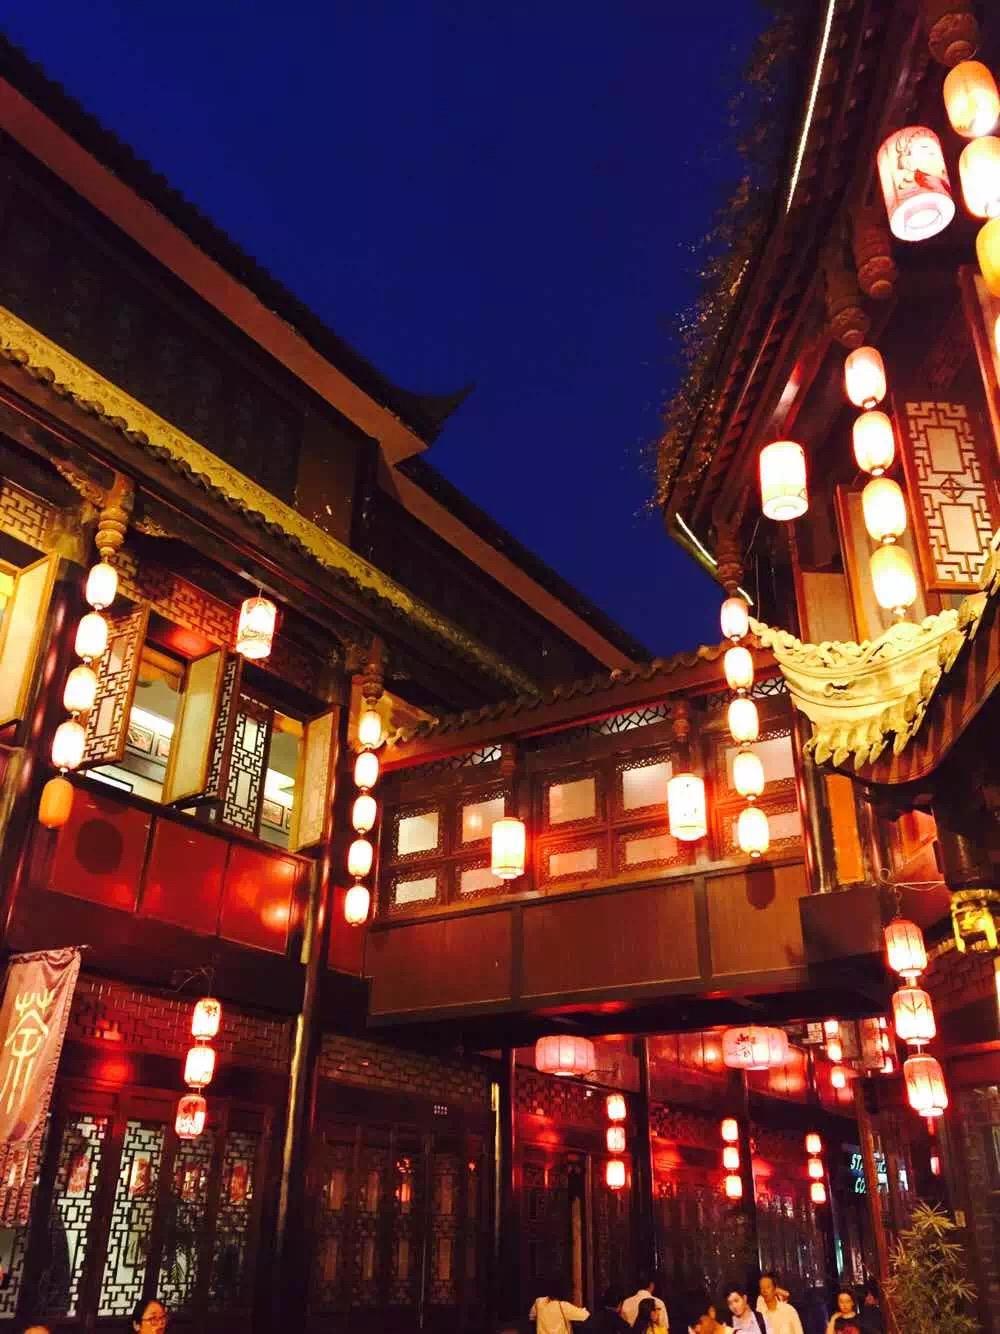 chengdu_jinli_pedestrian_street.jpg